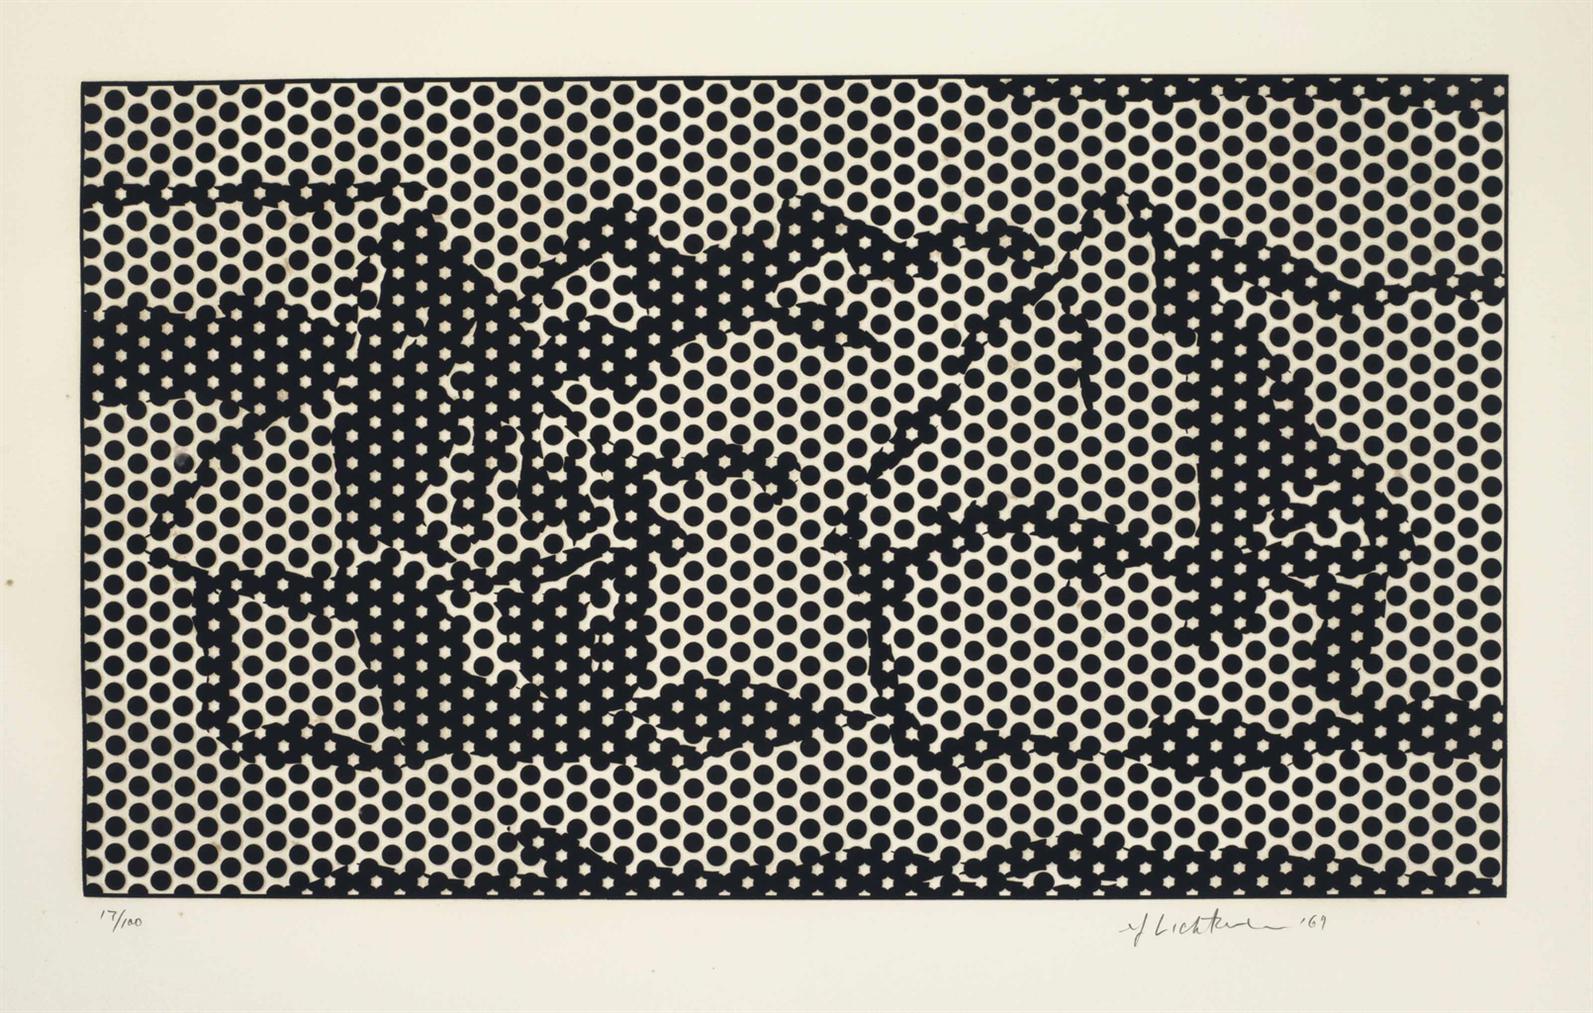 Roy Lichtenstein-Haystack #7, From Haystack Series-1969